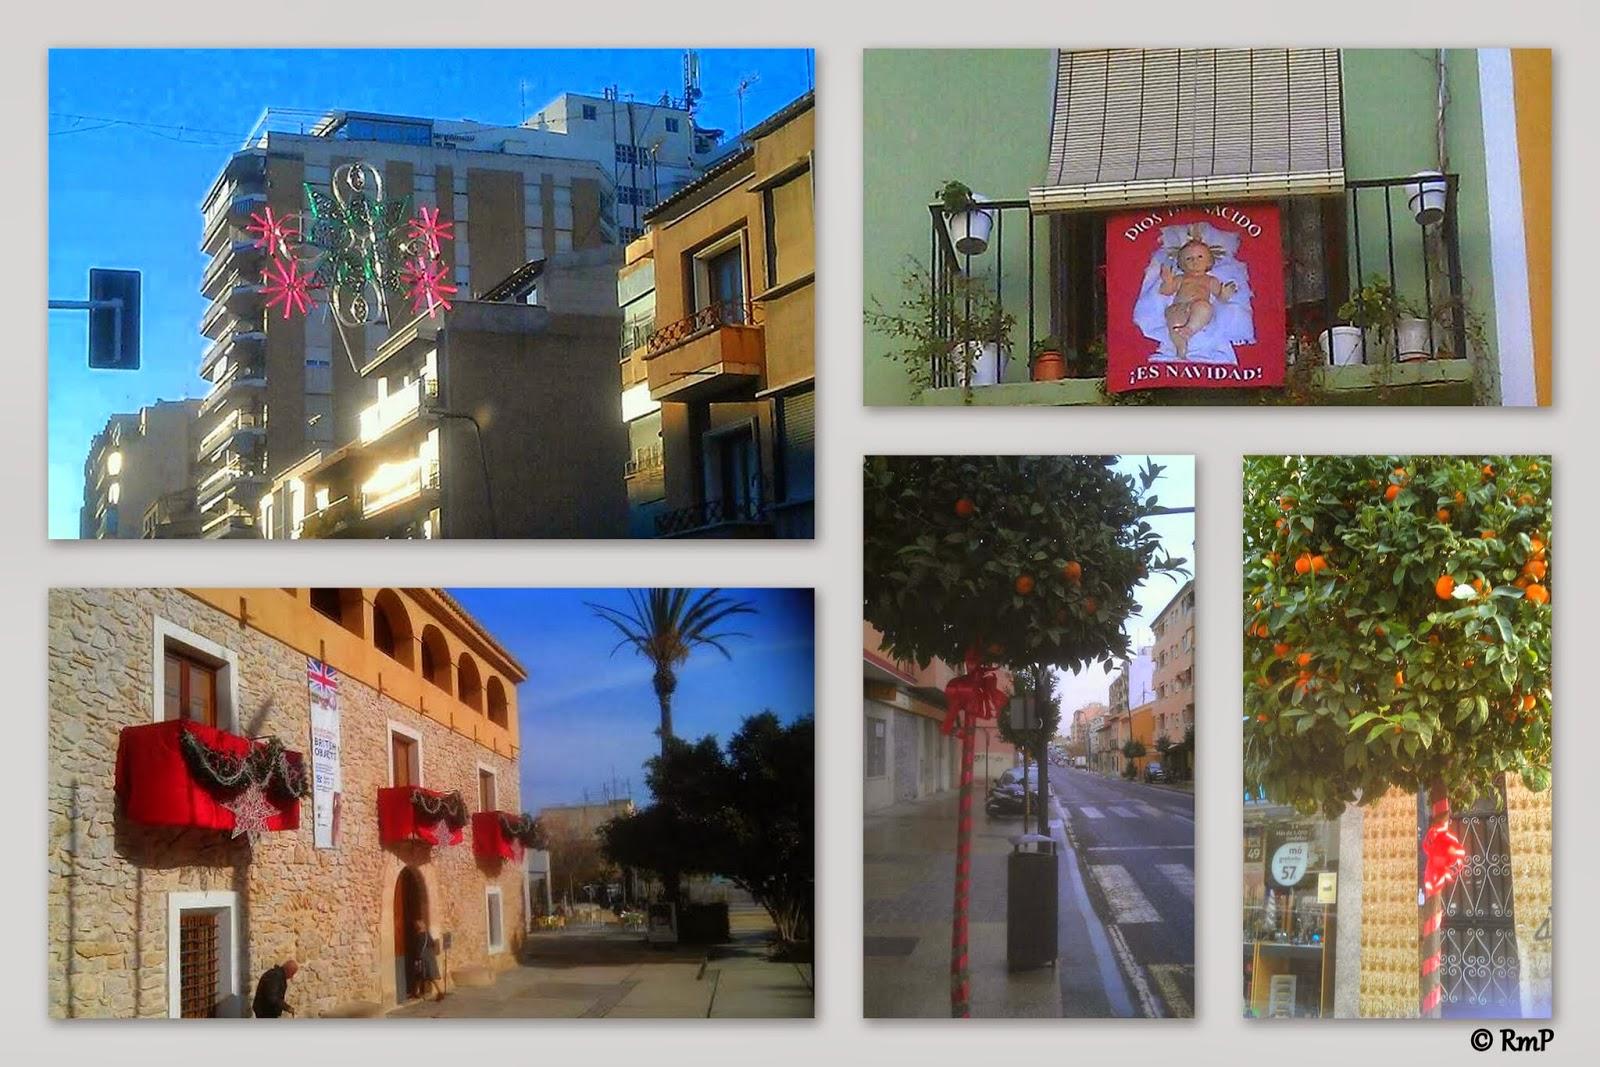 julefeiring i spania